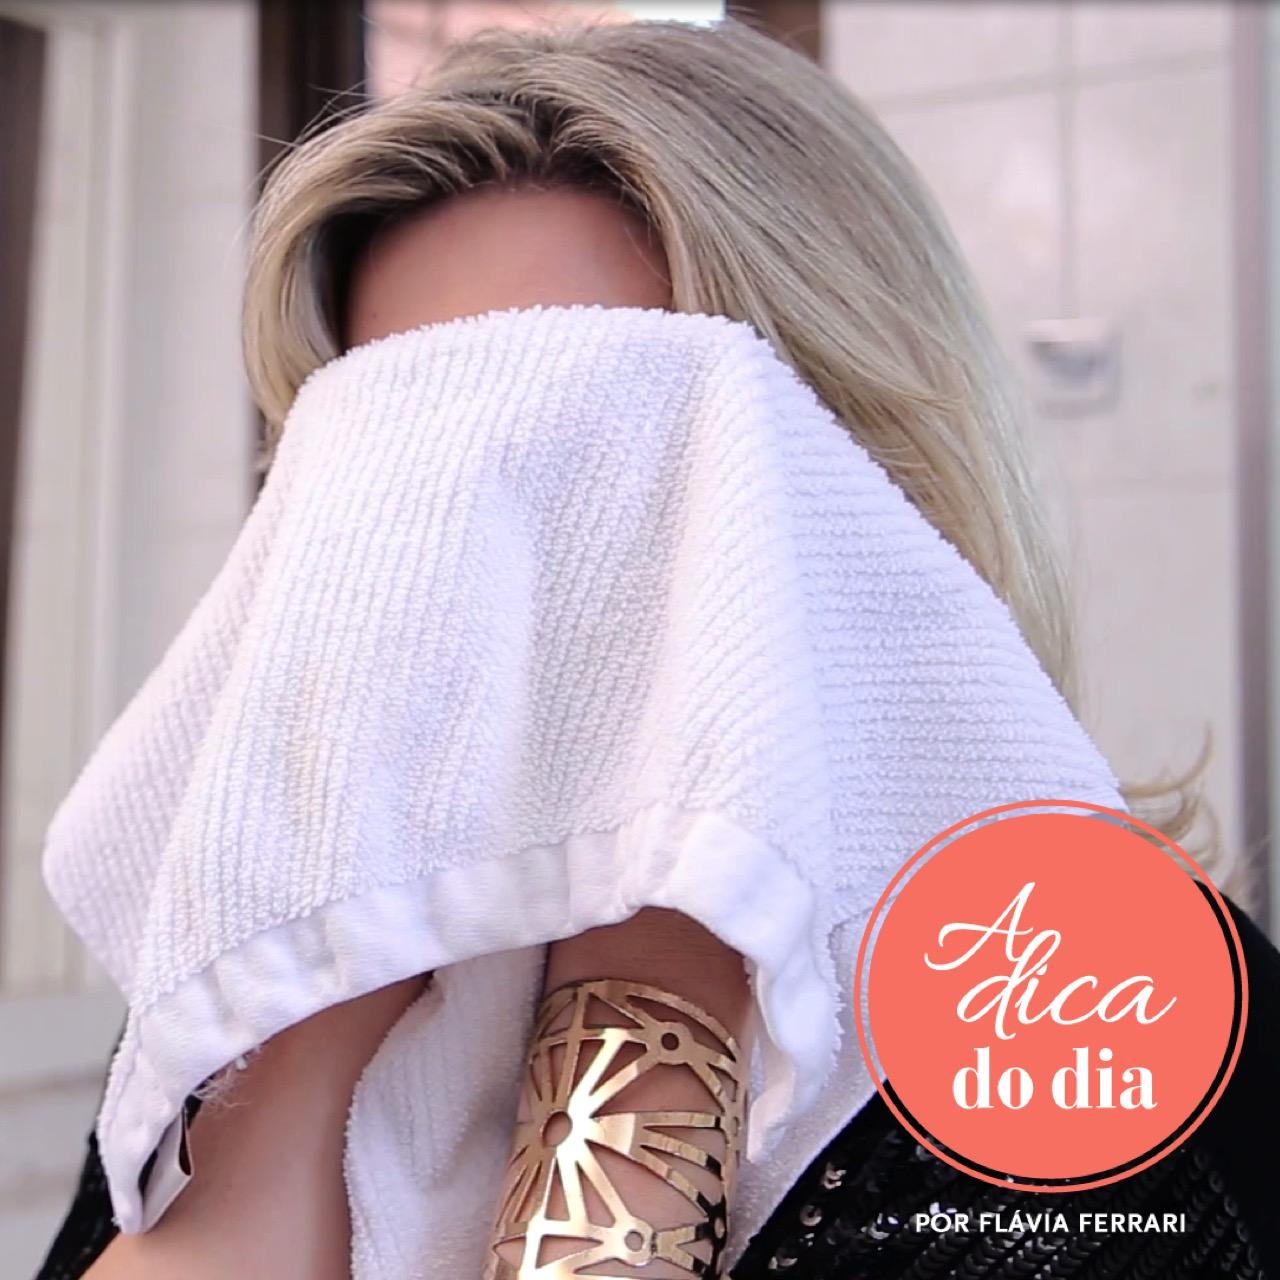 toalha manchada 1